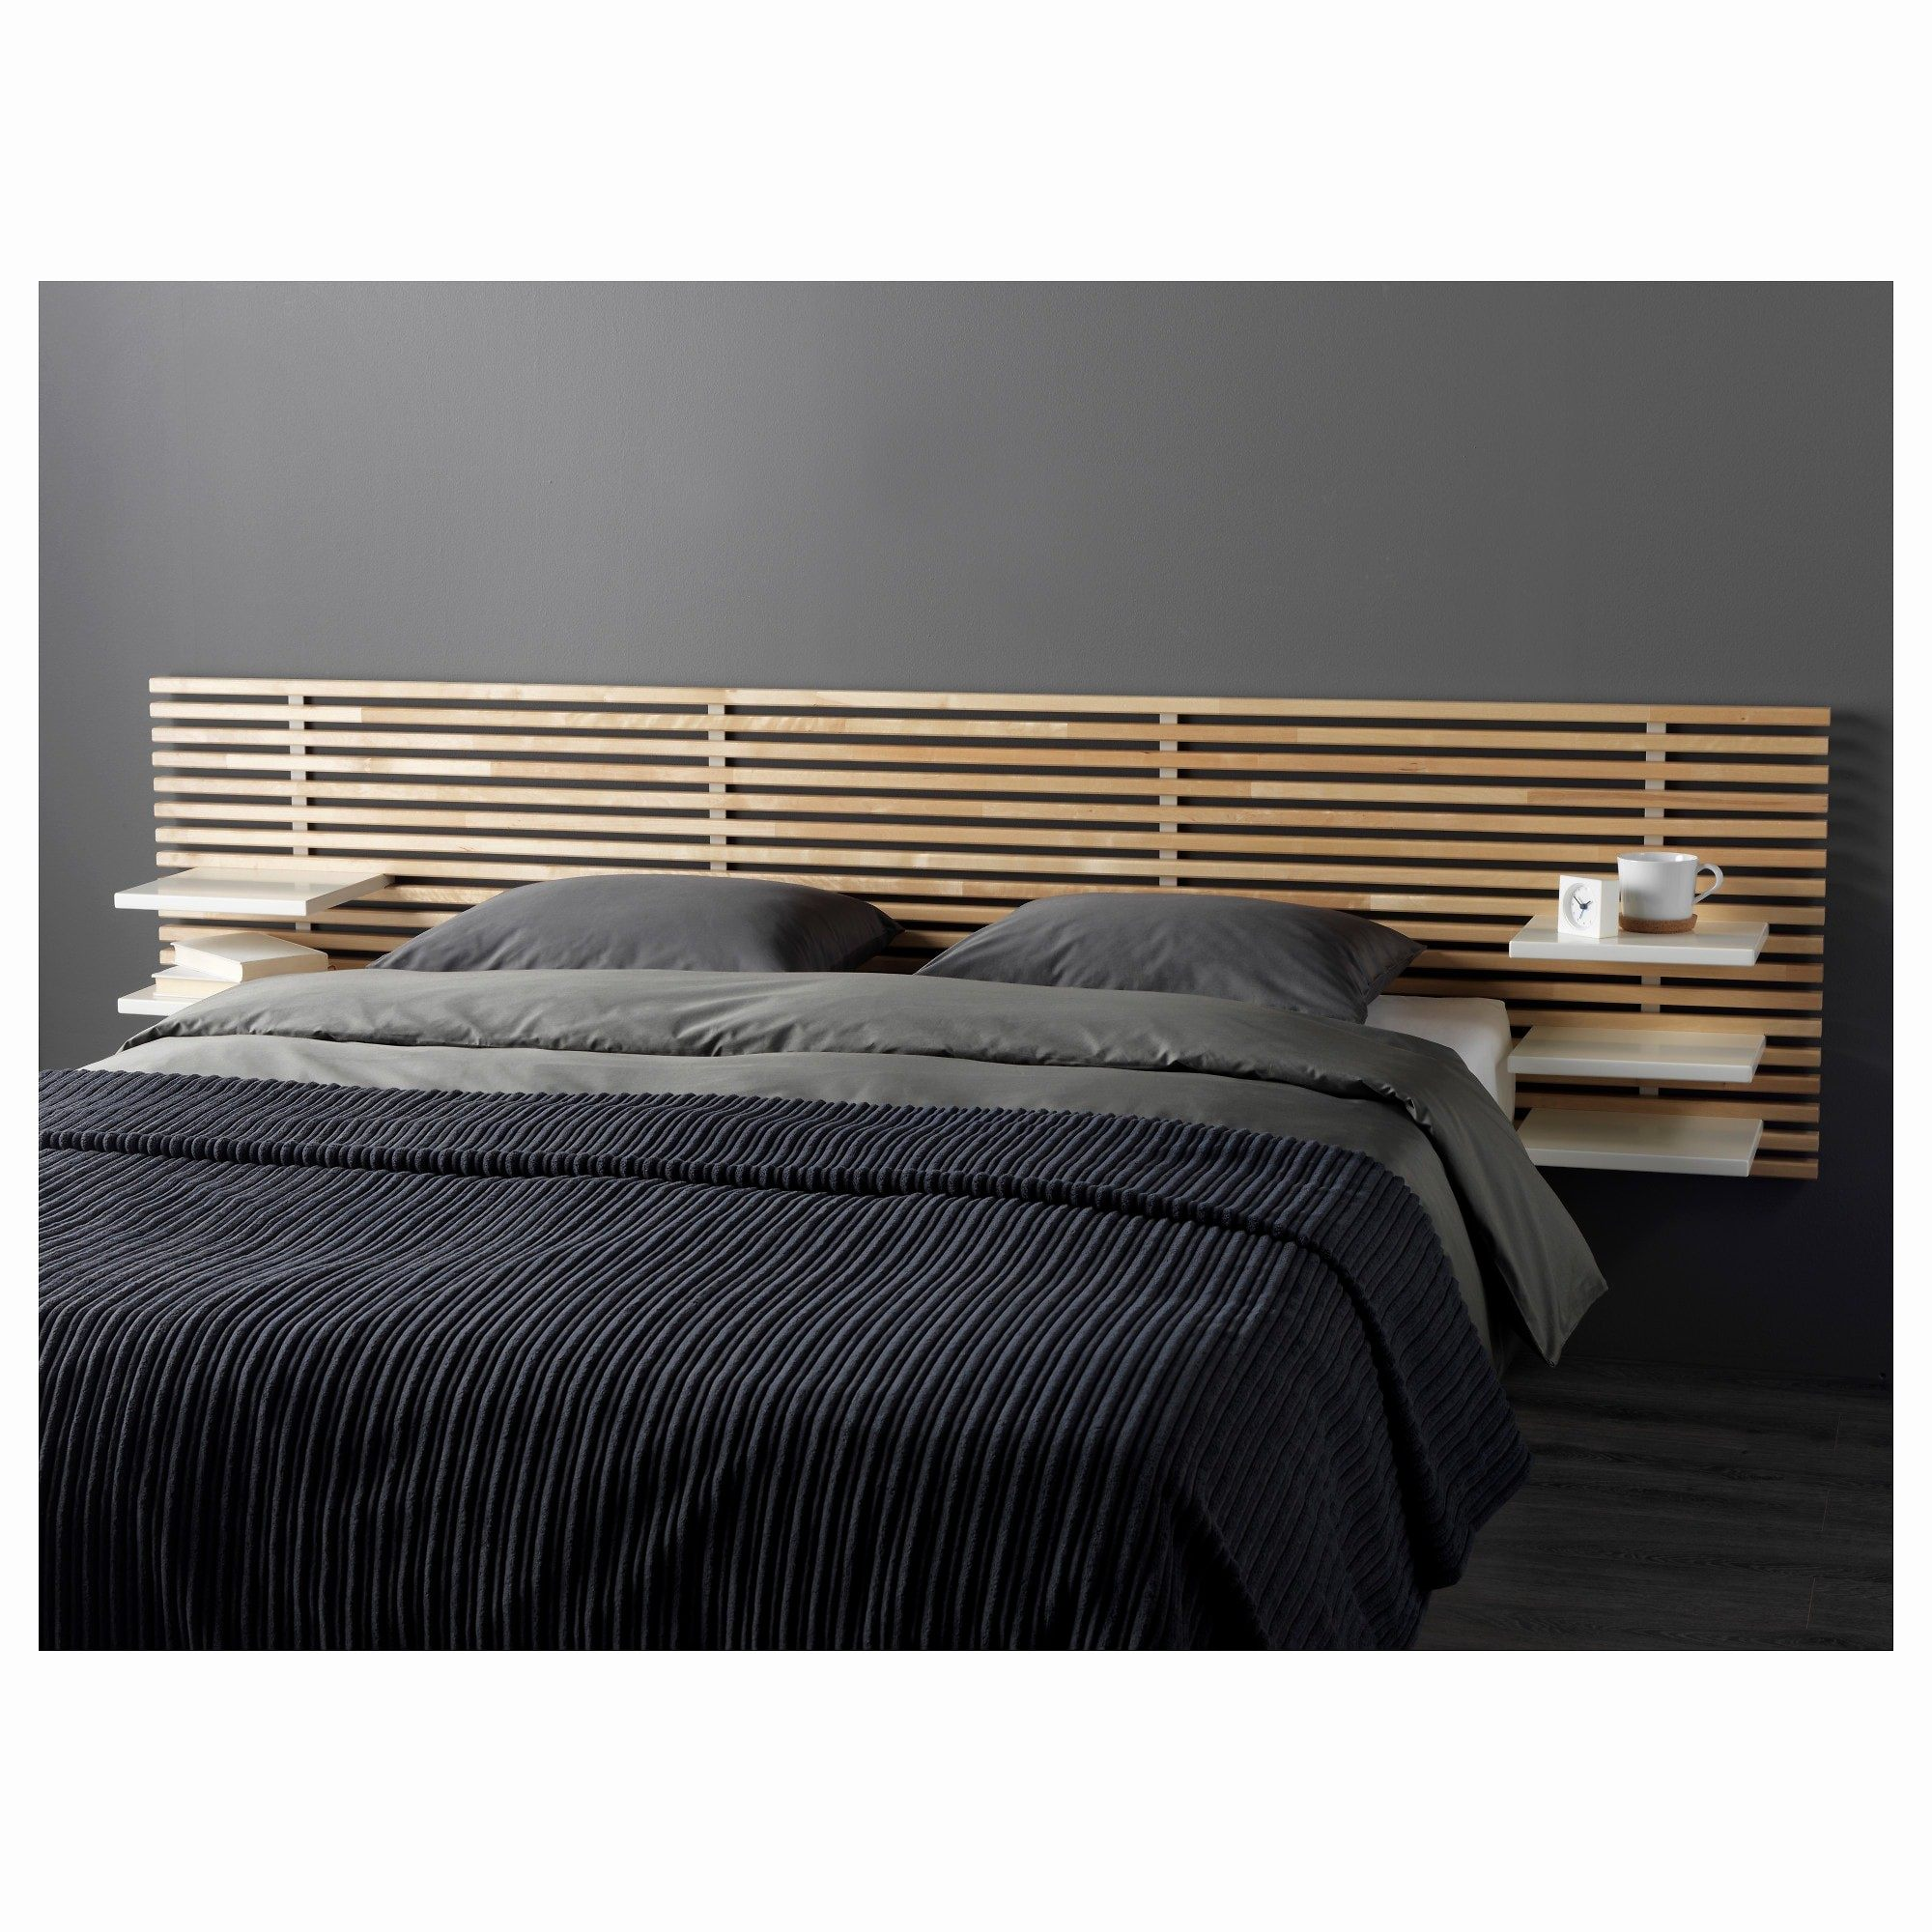 Tissu Tete De Lit Meilleur De Tete De Lit Tissu Ikea Inspiré Tete De Lit Zen Fabulous Full Size